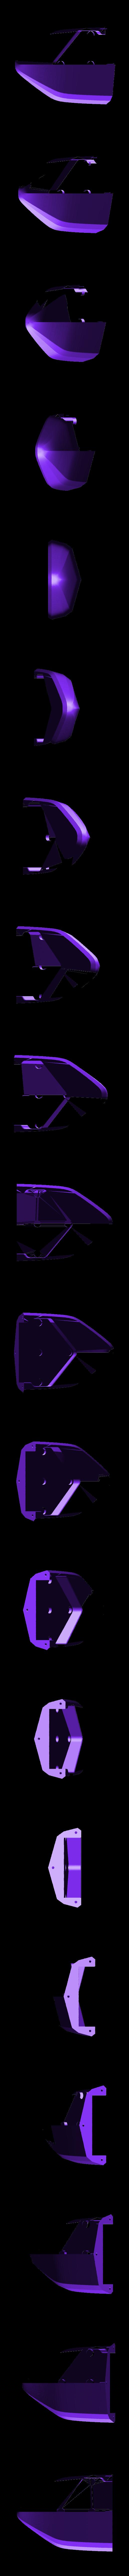 Rumpf_Front.stl Télécharger fichier STL gratuit Bateau de bain à enrouleur V5 MOD - Une coque en deux temps • Plan pour impression 3D, Bengineer3D